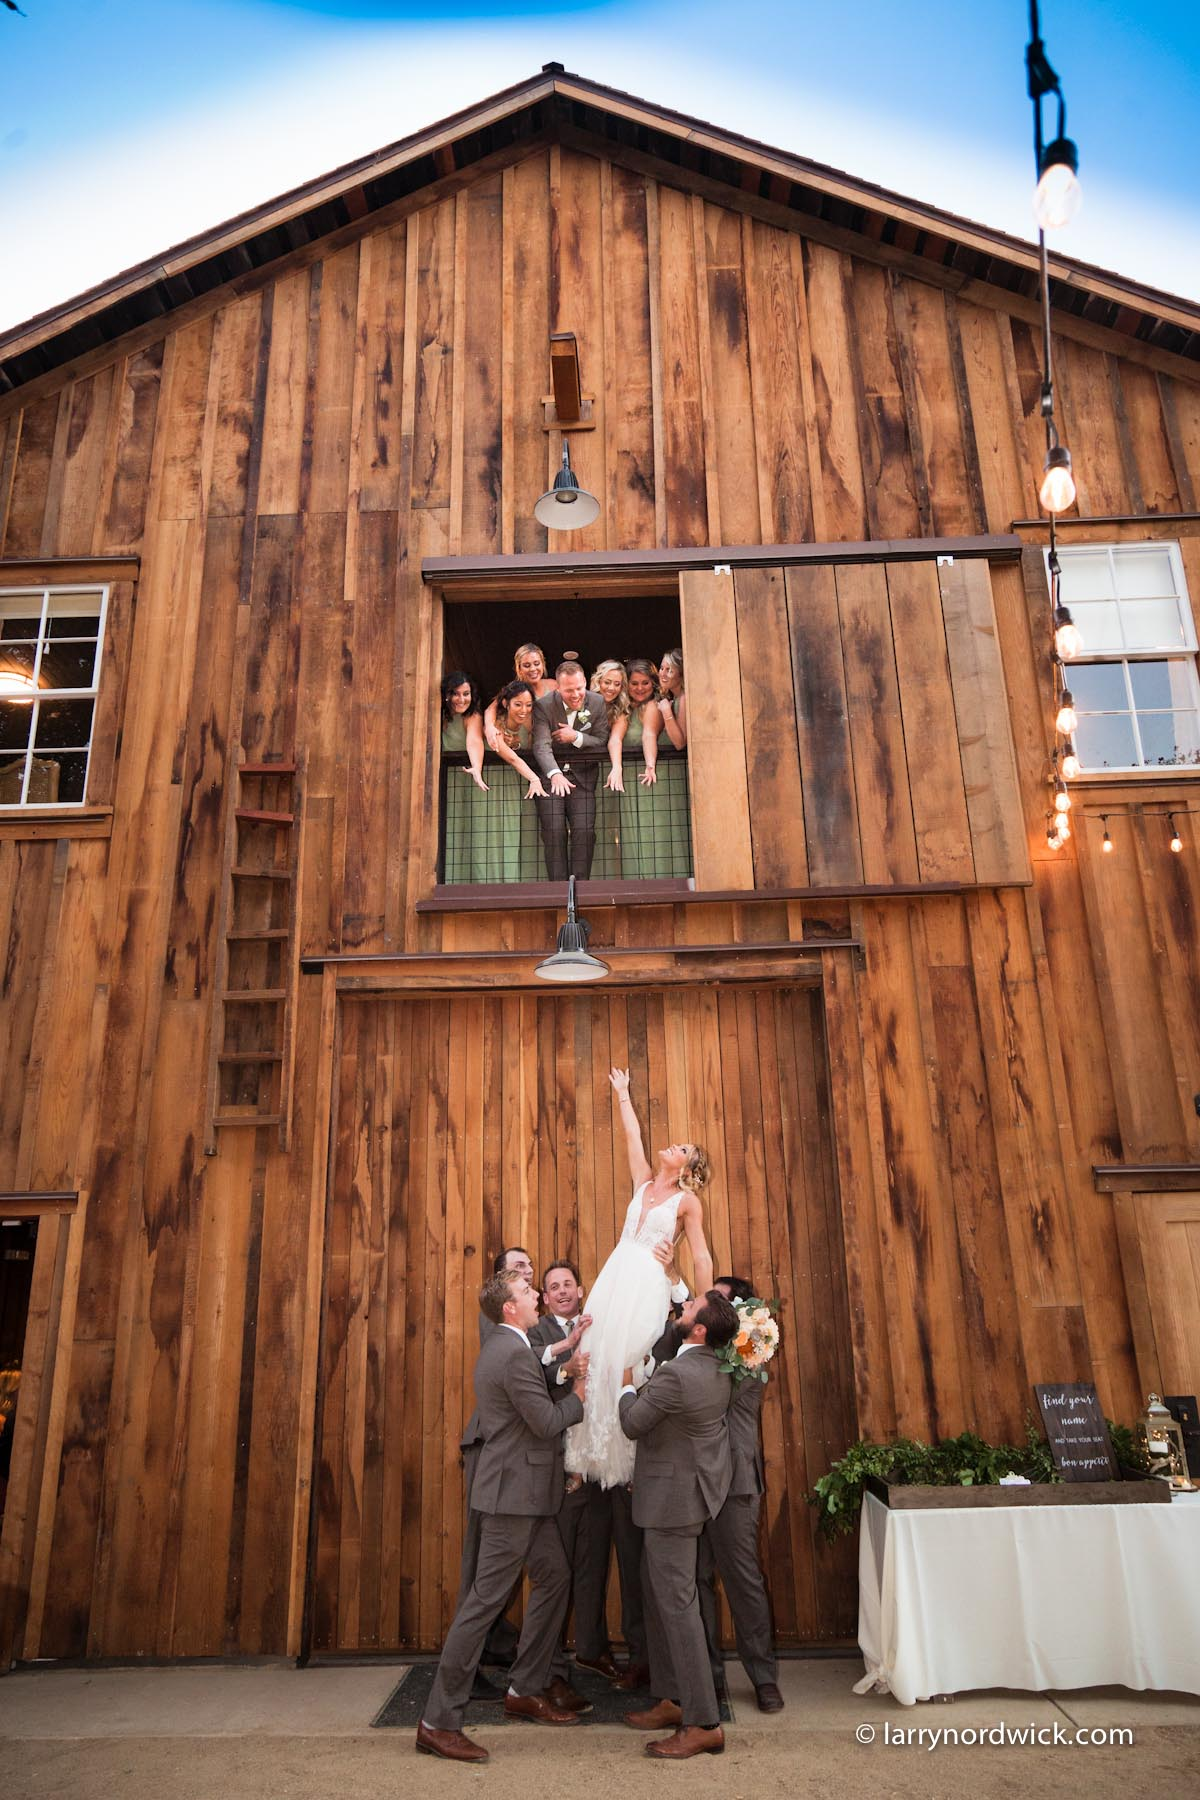 The Barns at Cooper Molera Wedding Venue